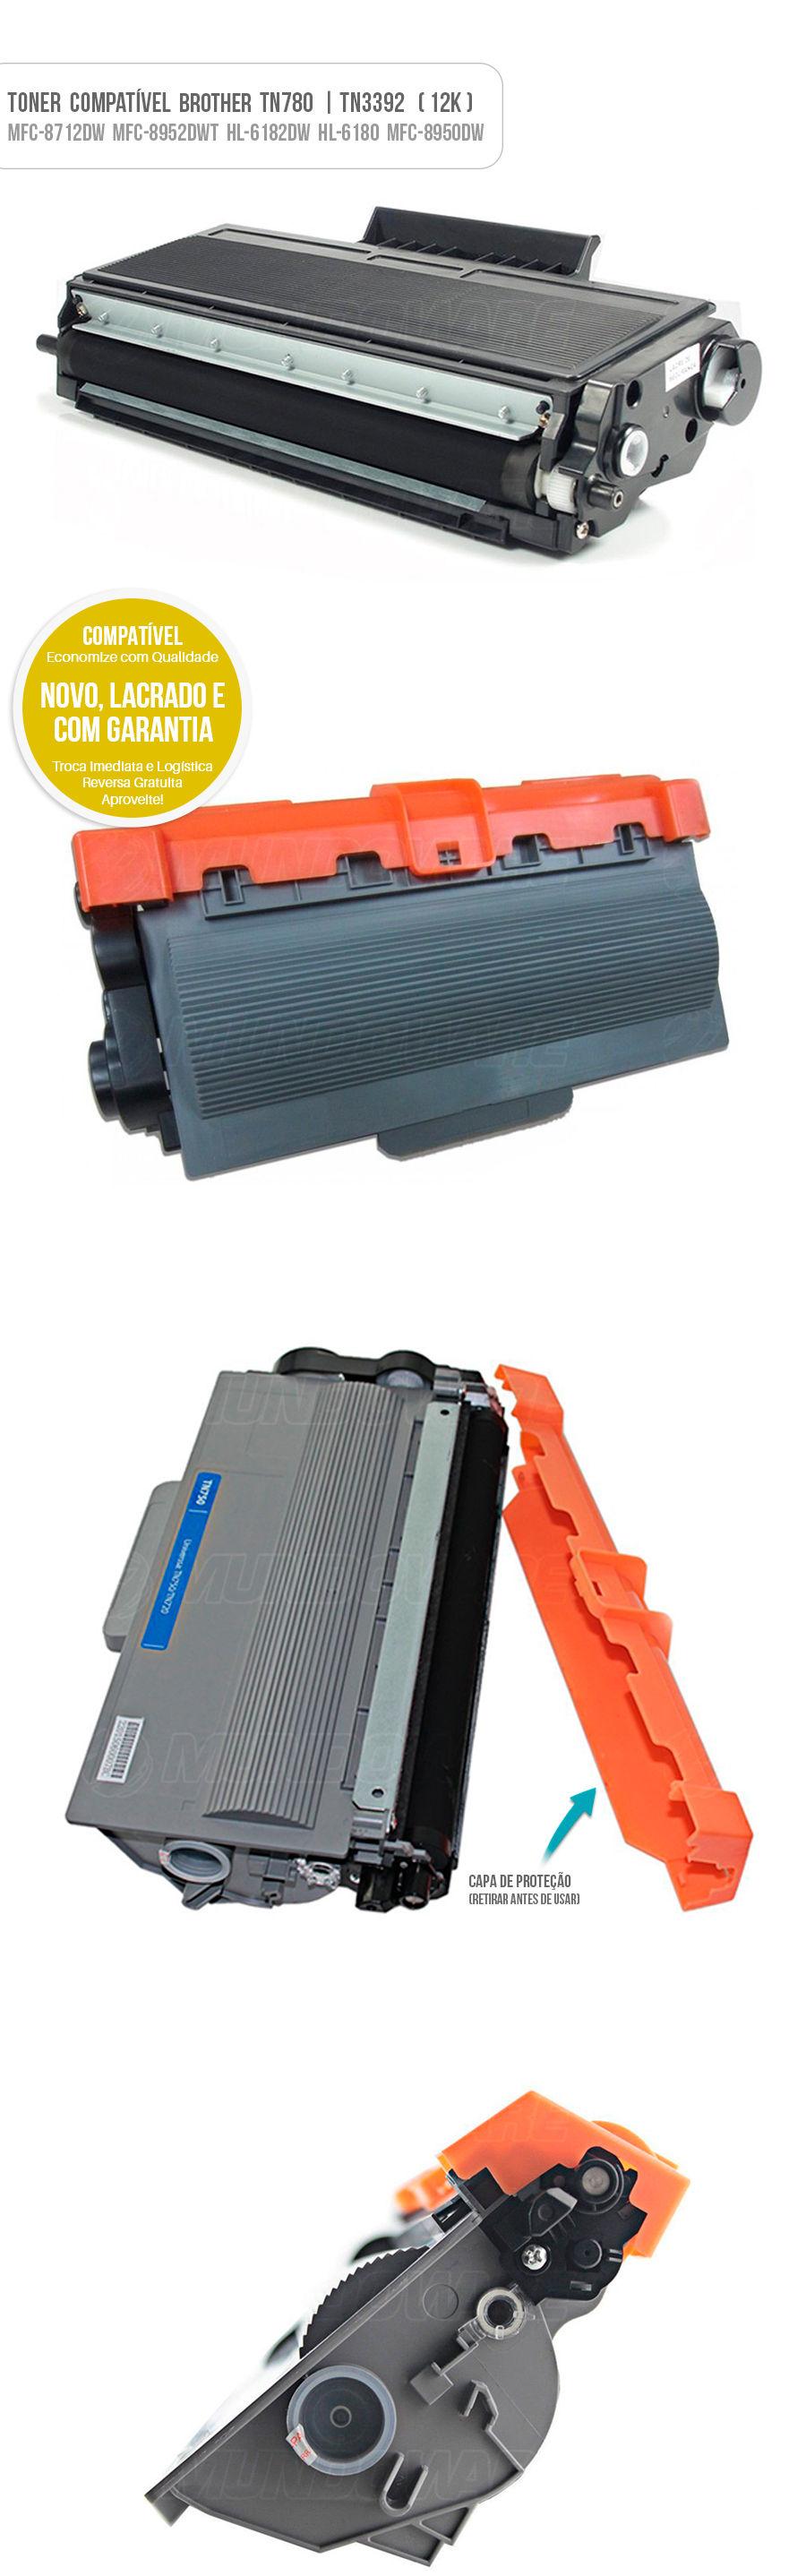 Tonner para impressora Brother TN-780 TN780 TN3392 TN-3392 HL-6182DW HL-6180DW DCP-8157DN MFC-8952DW